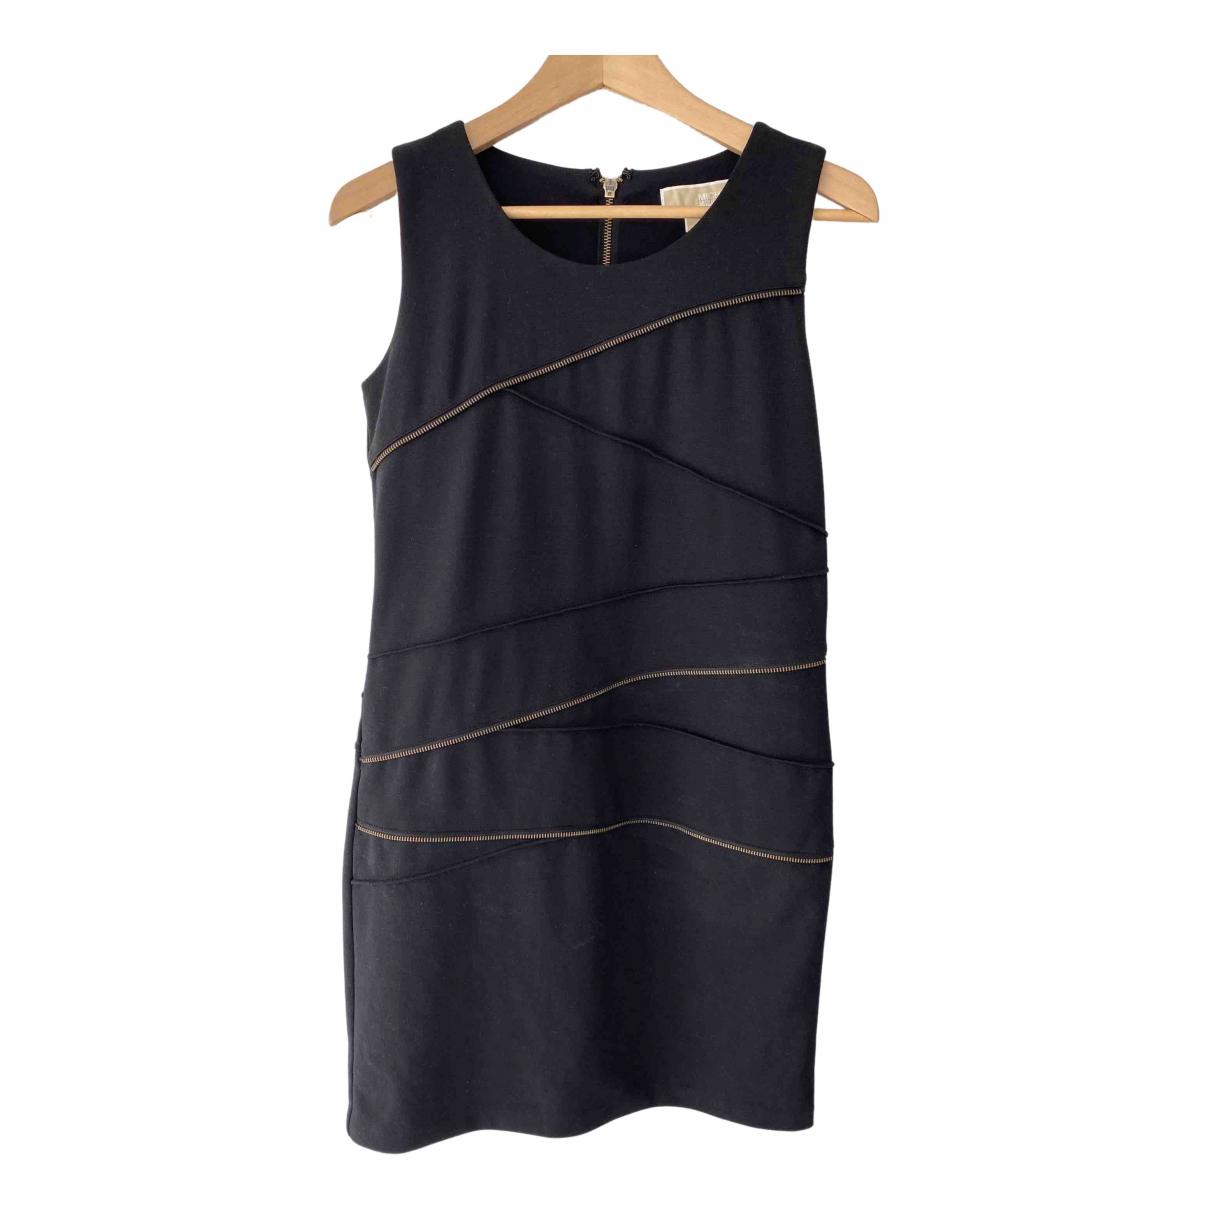 Michael Kors \N Kleid in  Schwarz Polyester